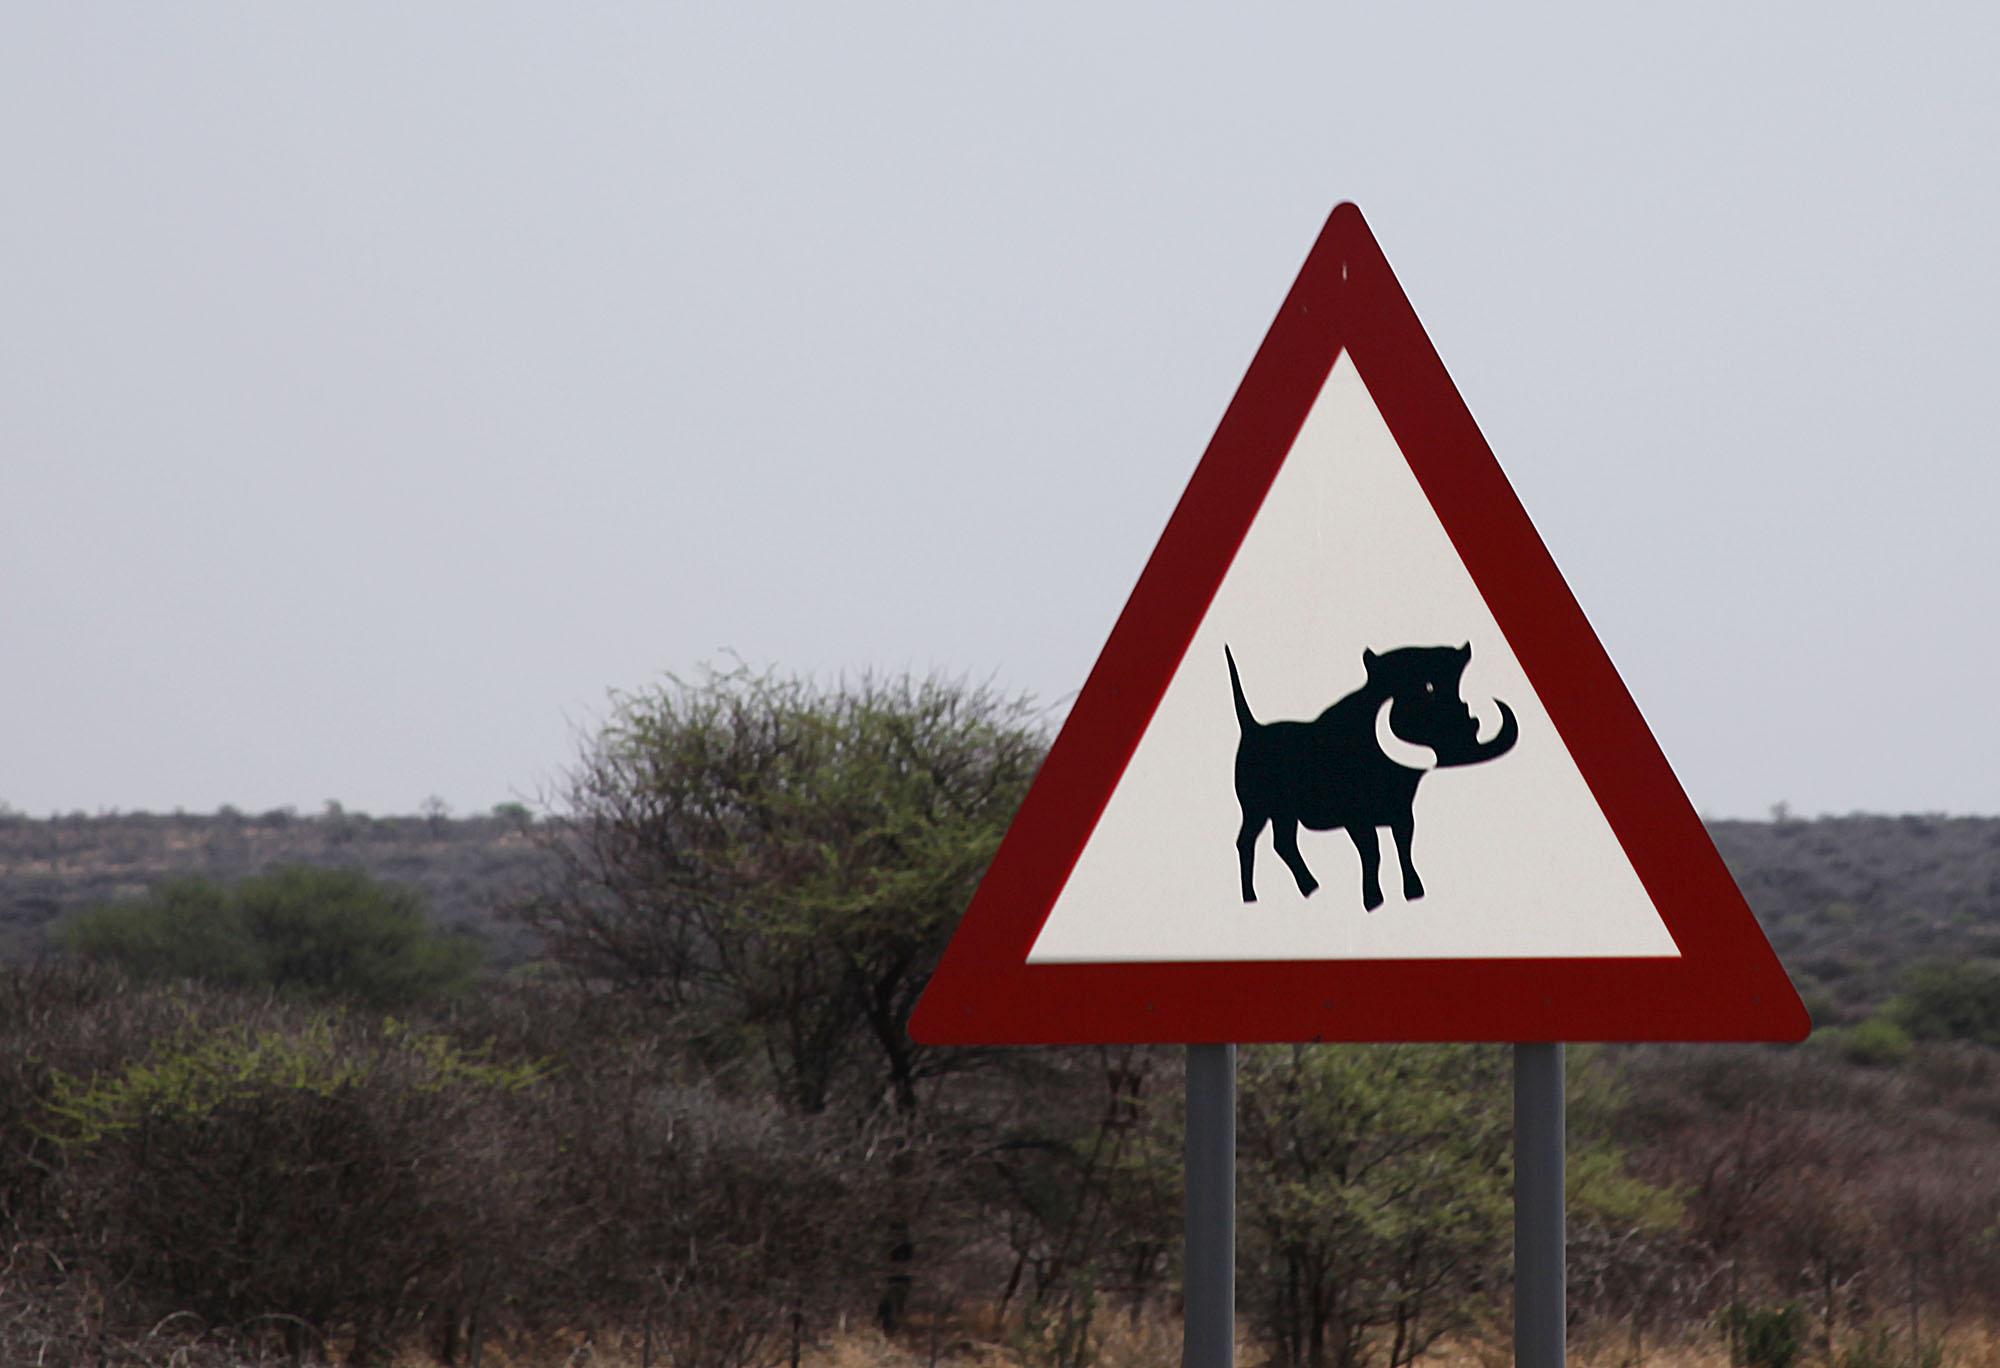 Warthog warning sign